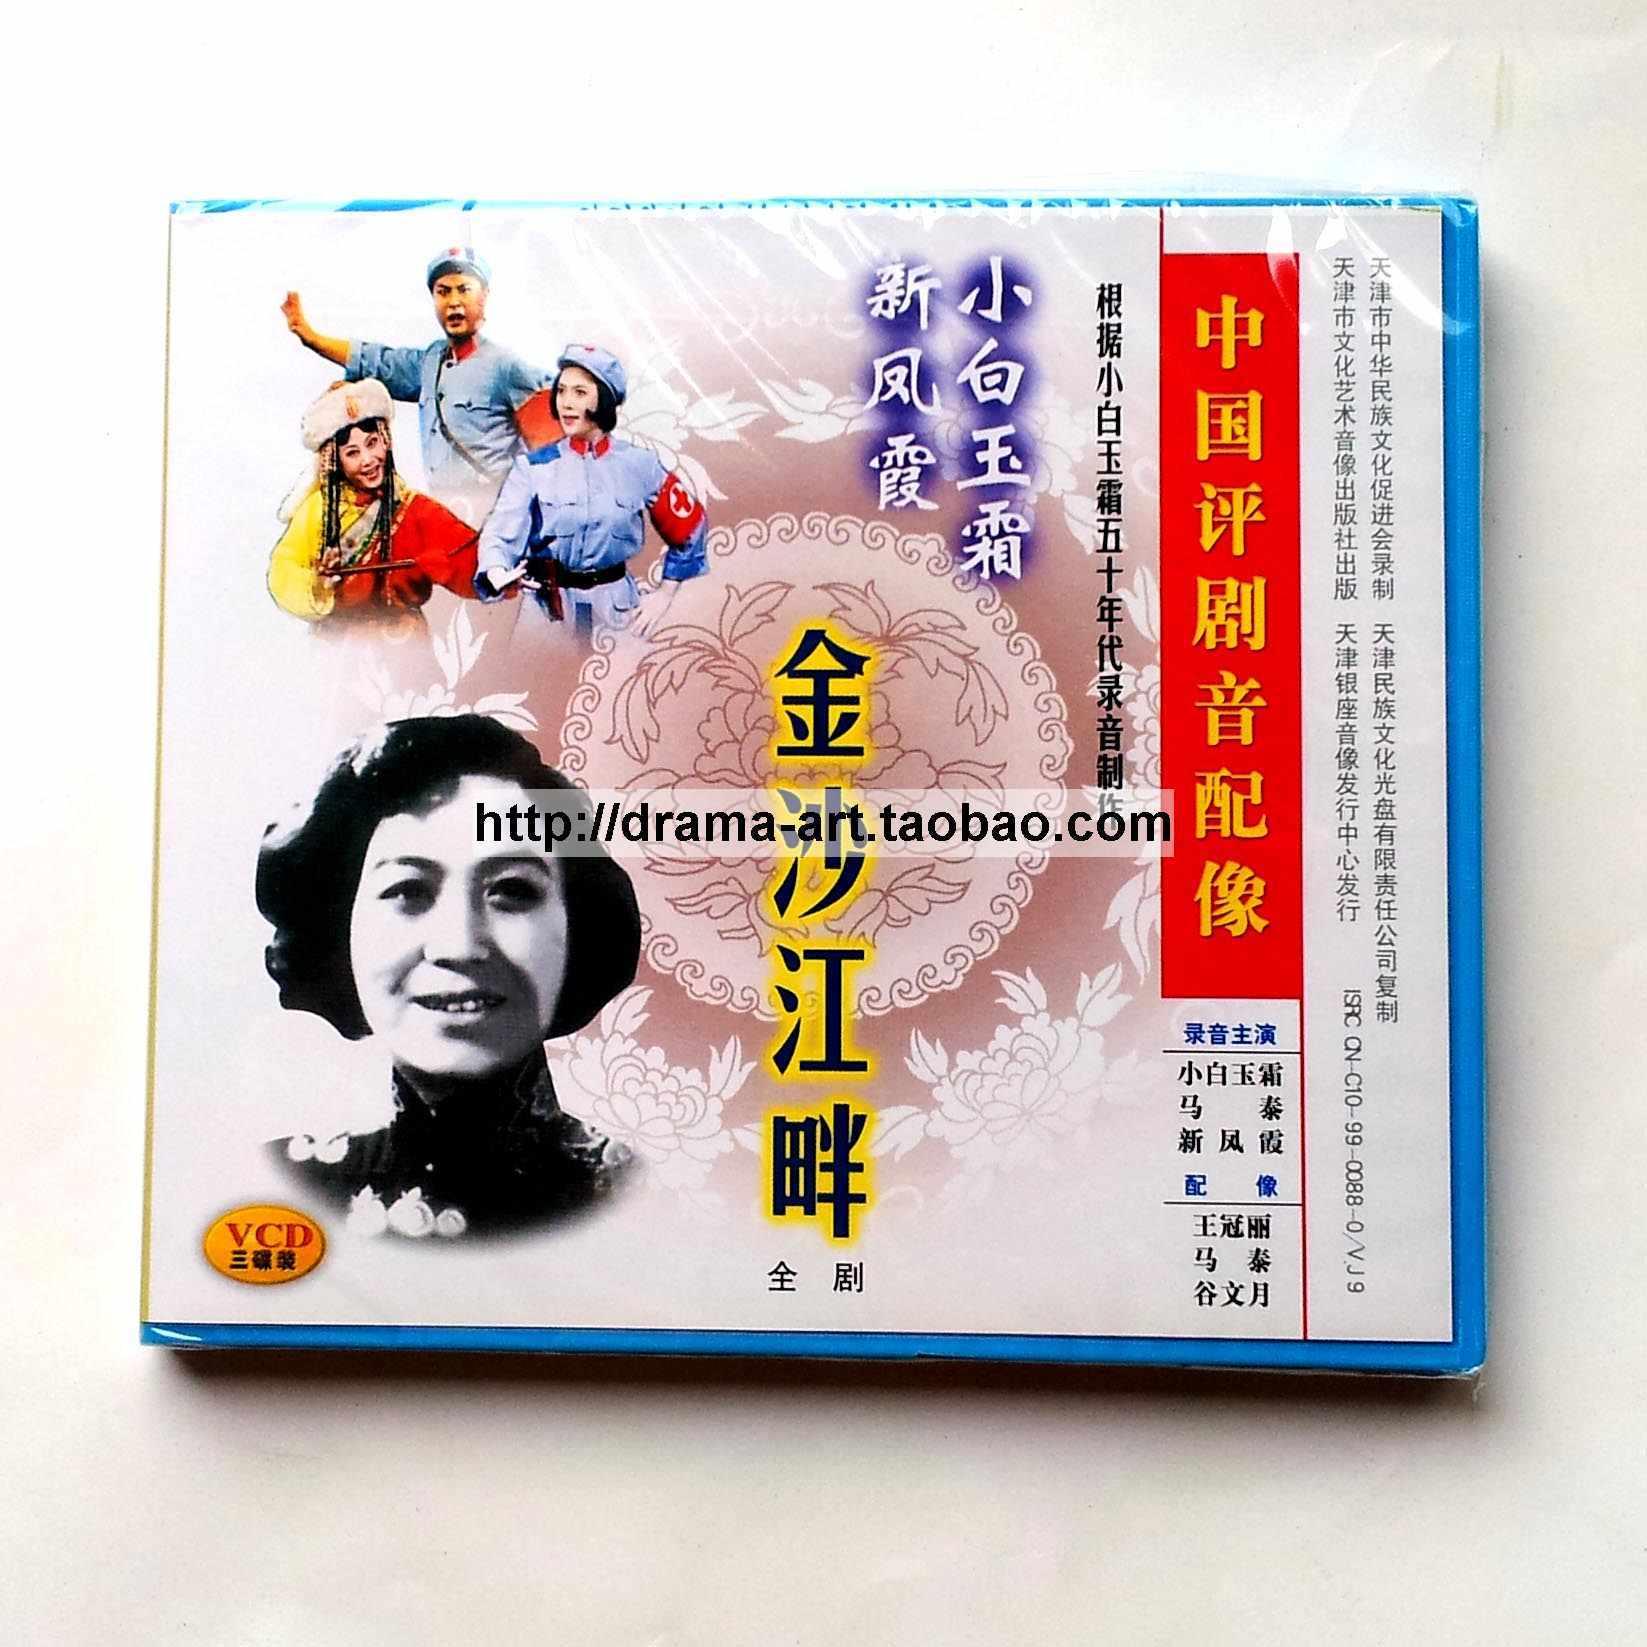 Кино Yushuangxiao бай бай Yushuang, подлинной Китай pingju тон оперы с как мало Цзиньша реки Xin Фенся Матера